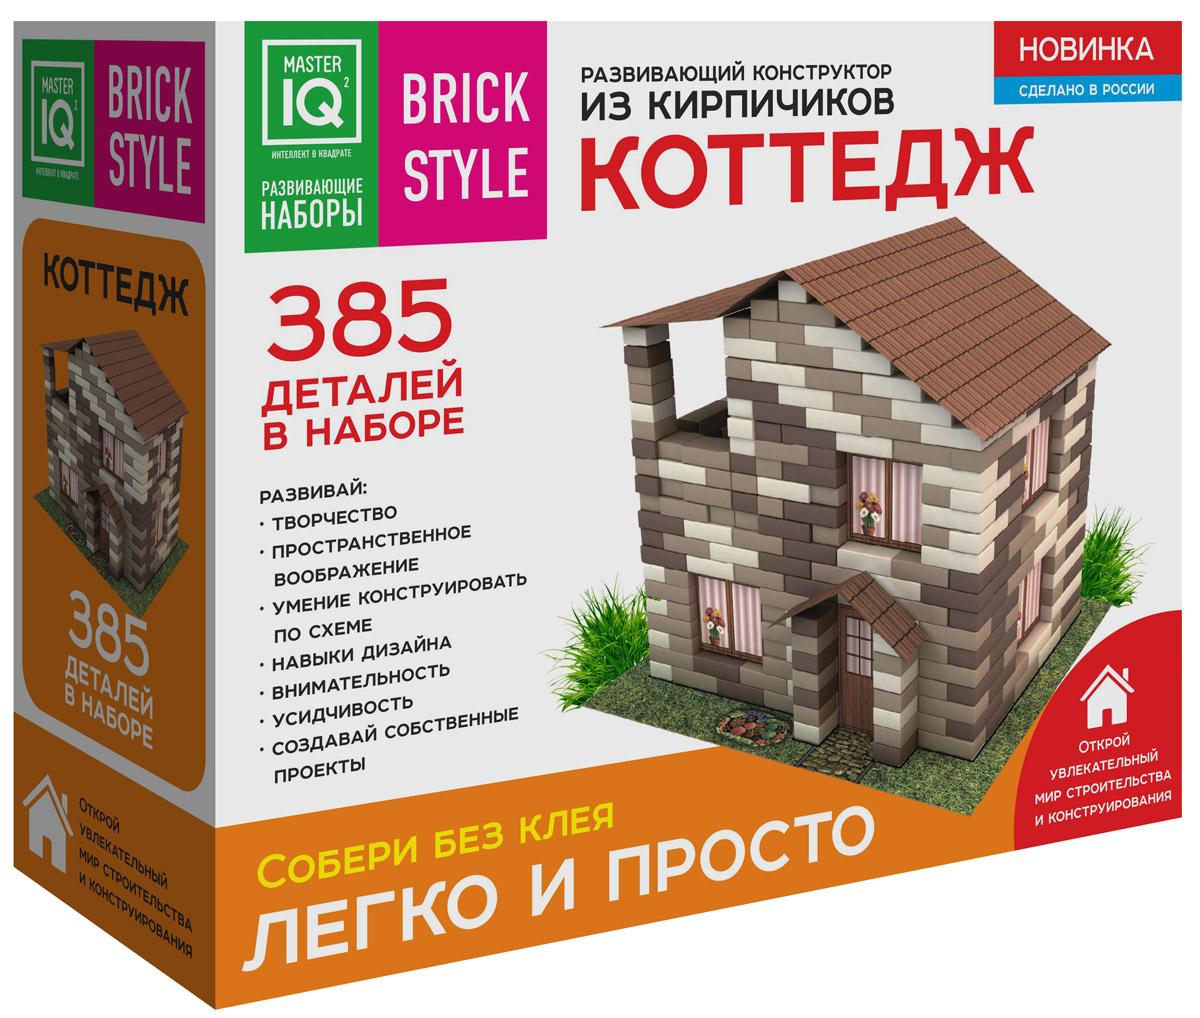 Каррас Конструктор Коттедж1304Кирпичики конструктора Brick Style Коттедж совсем как настоящие, только очень легкие. Благодаря этому из них удобно строить модели зданий и сооружений самого разного размера - от маленького домика до громадного замка. Готовые конструкции будут иметь совсем небольшой вес, из без труда поднимает даже малыш. В подробной инструкции описаны все шаги по сборке выбранной модели. Проектируйте и создавайте свои собственные постройки - творчество и фантазия не ограничены! Конструктор позволяет развивать творчество, пространственное воображение, умение конструировать по схеме, навыки дизайна, внимательность, усидчивость. Открой для себя увлекательный мир строительства и конструирования. С помощью конструктора ребенок сможет узнать, из чего делаются настоящие дома, зачем нужен цемент, а также он дает возможность ребенку почувствовать себя настоящим строителем! Все используемые материалы – натуральные и экологически чистые.